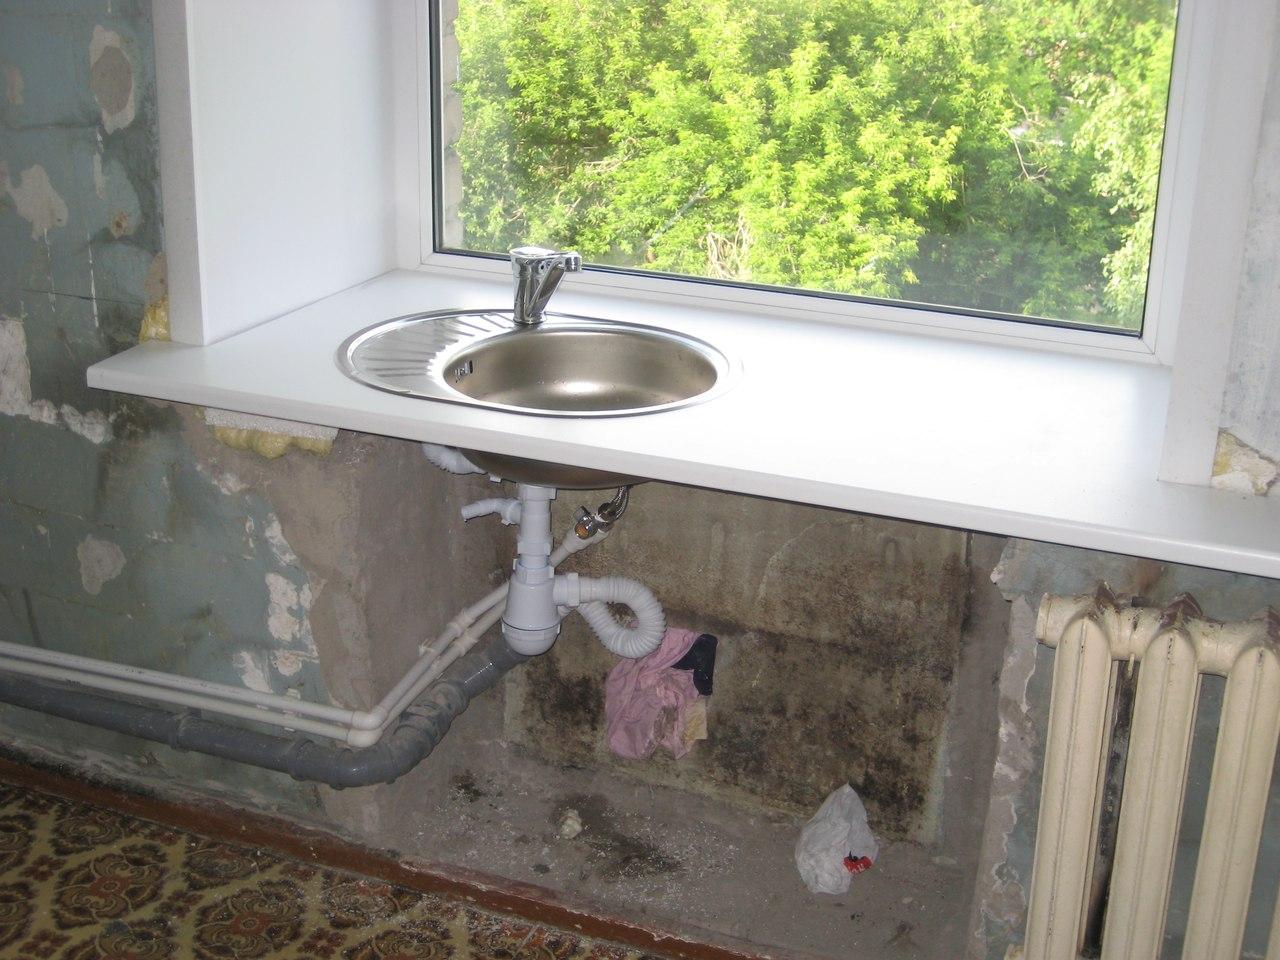 Окно и мойка в подоконнике ( кухня в хрущевке, очень бюджетн.